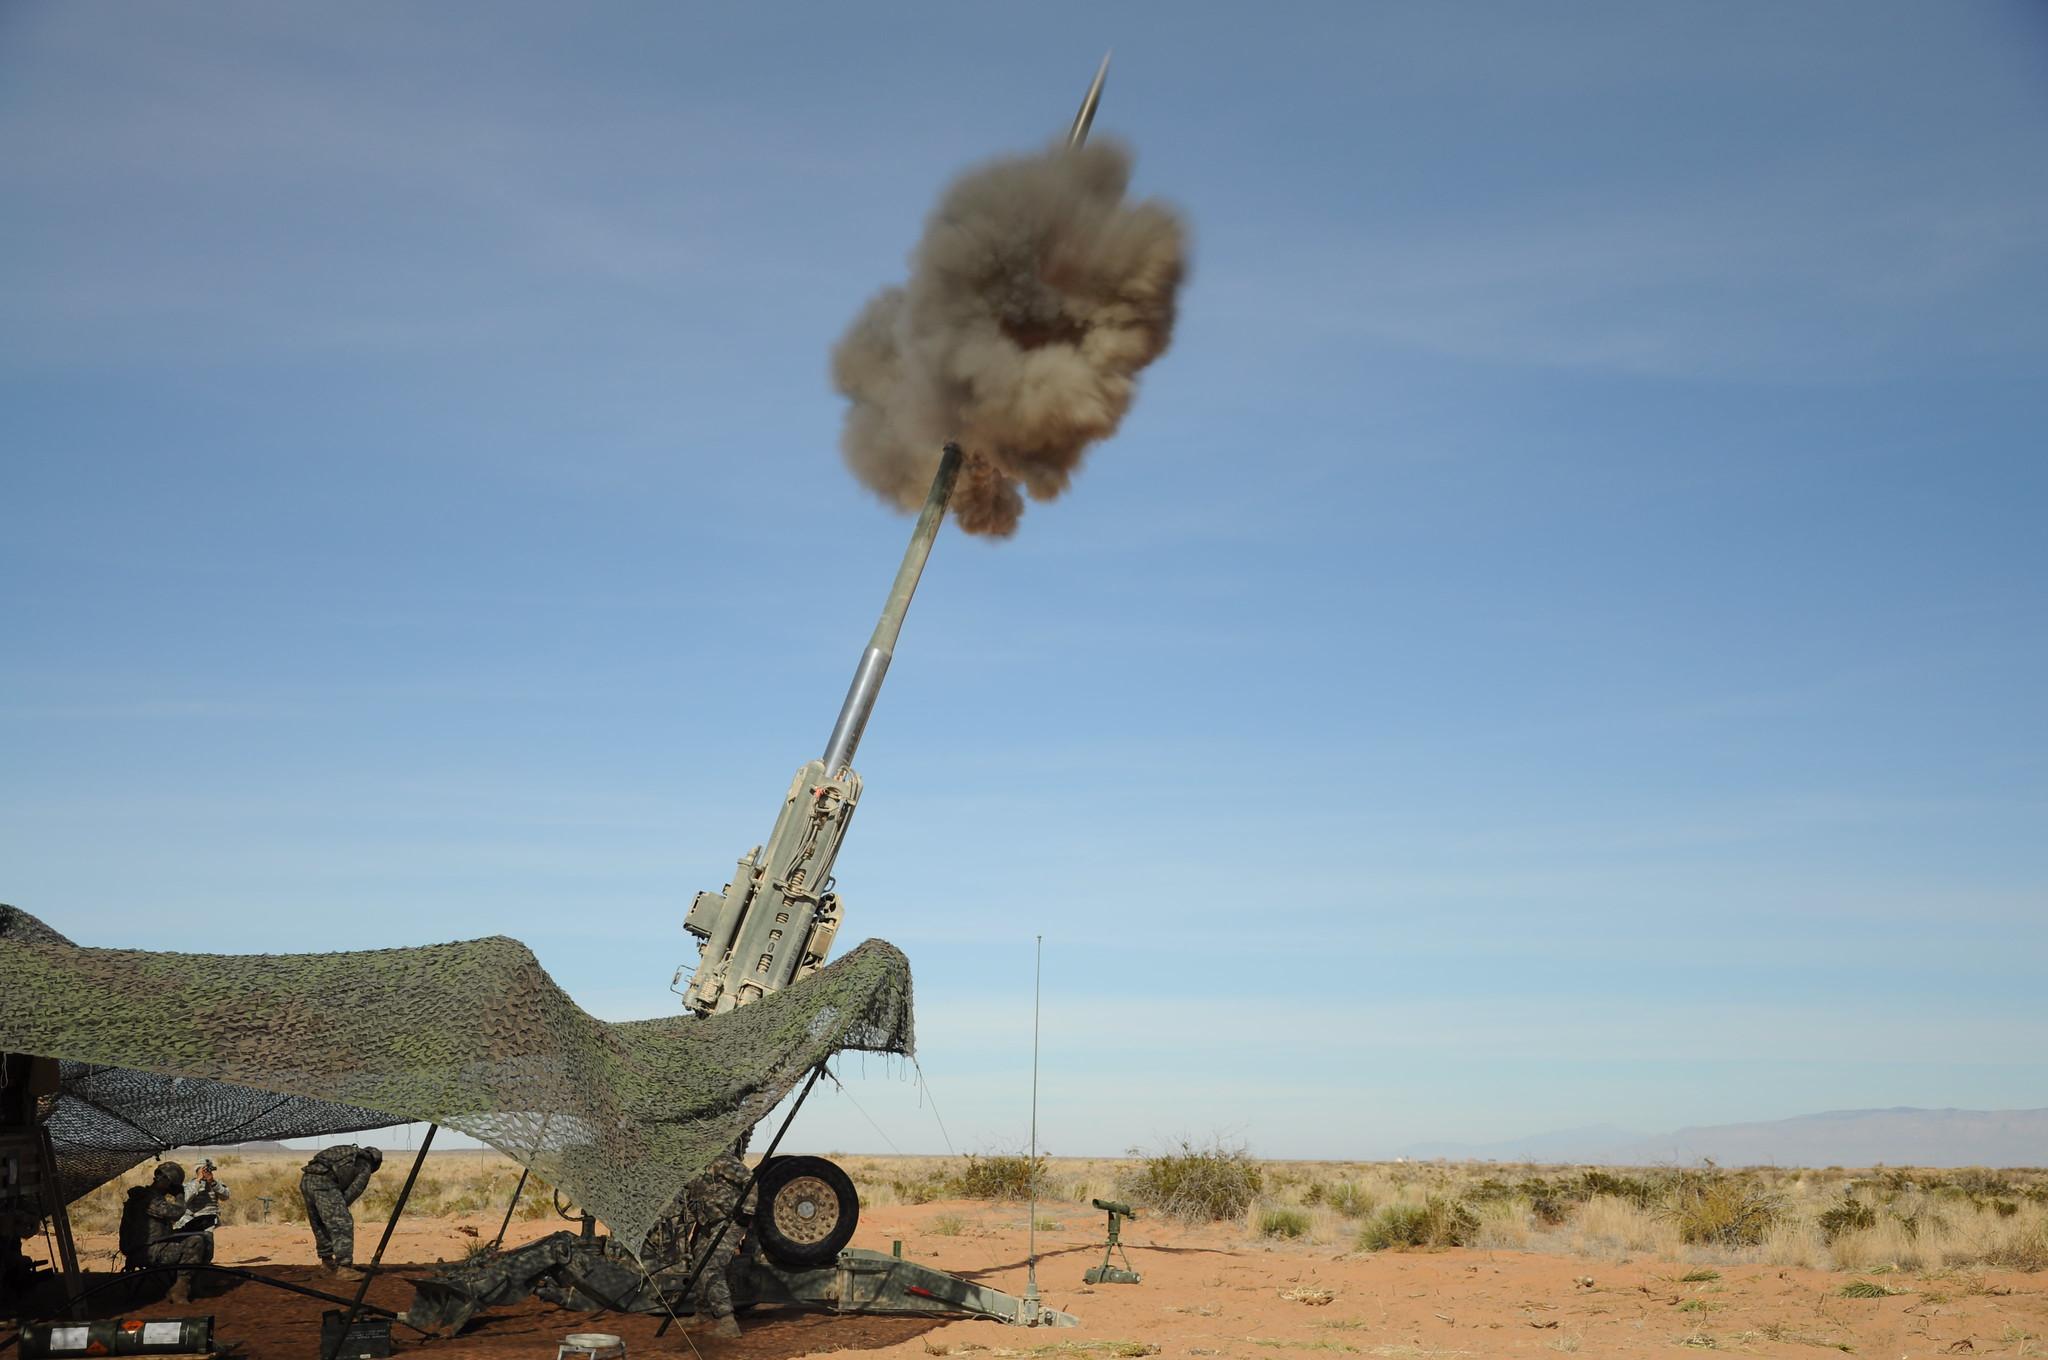 M982 Excalibur fire